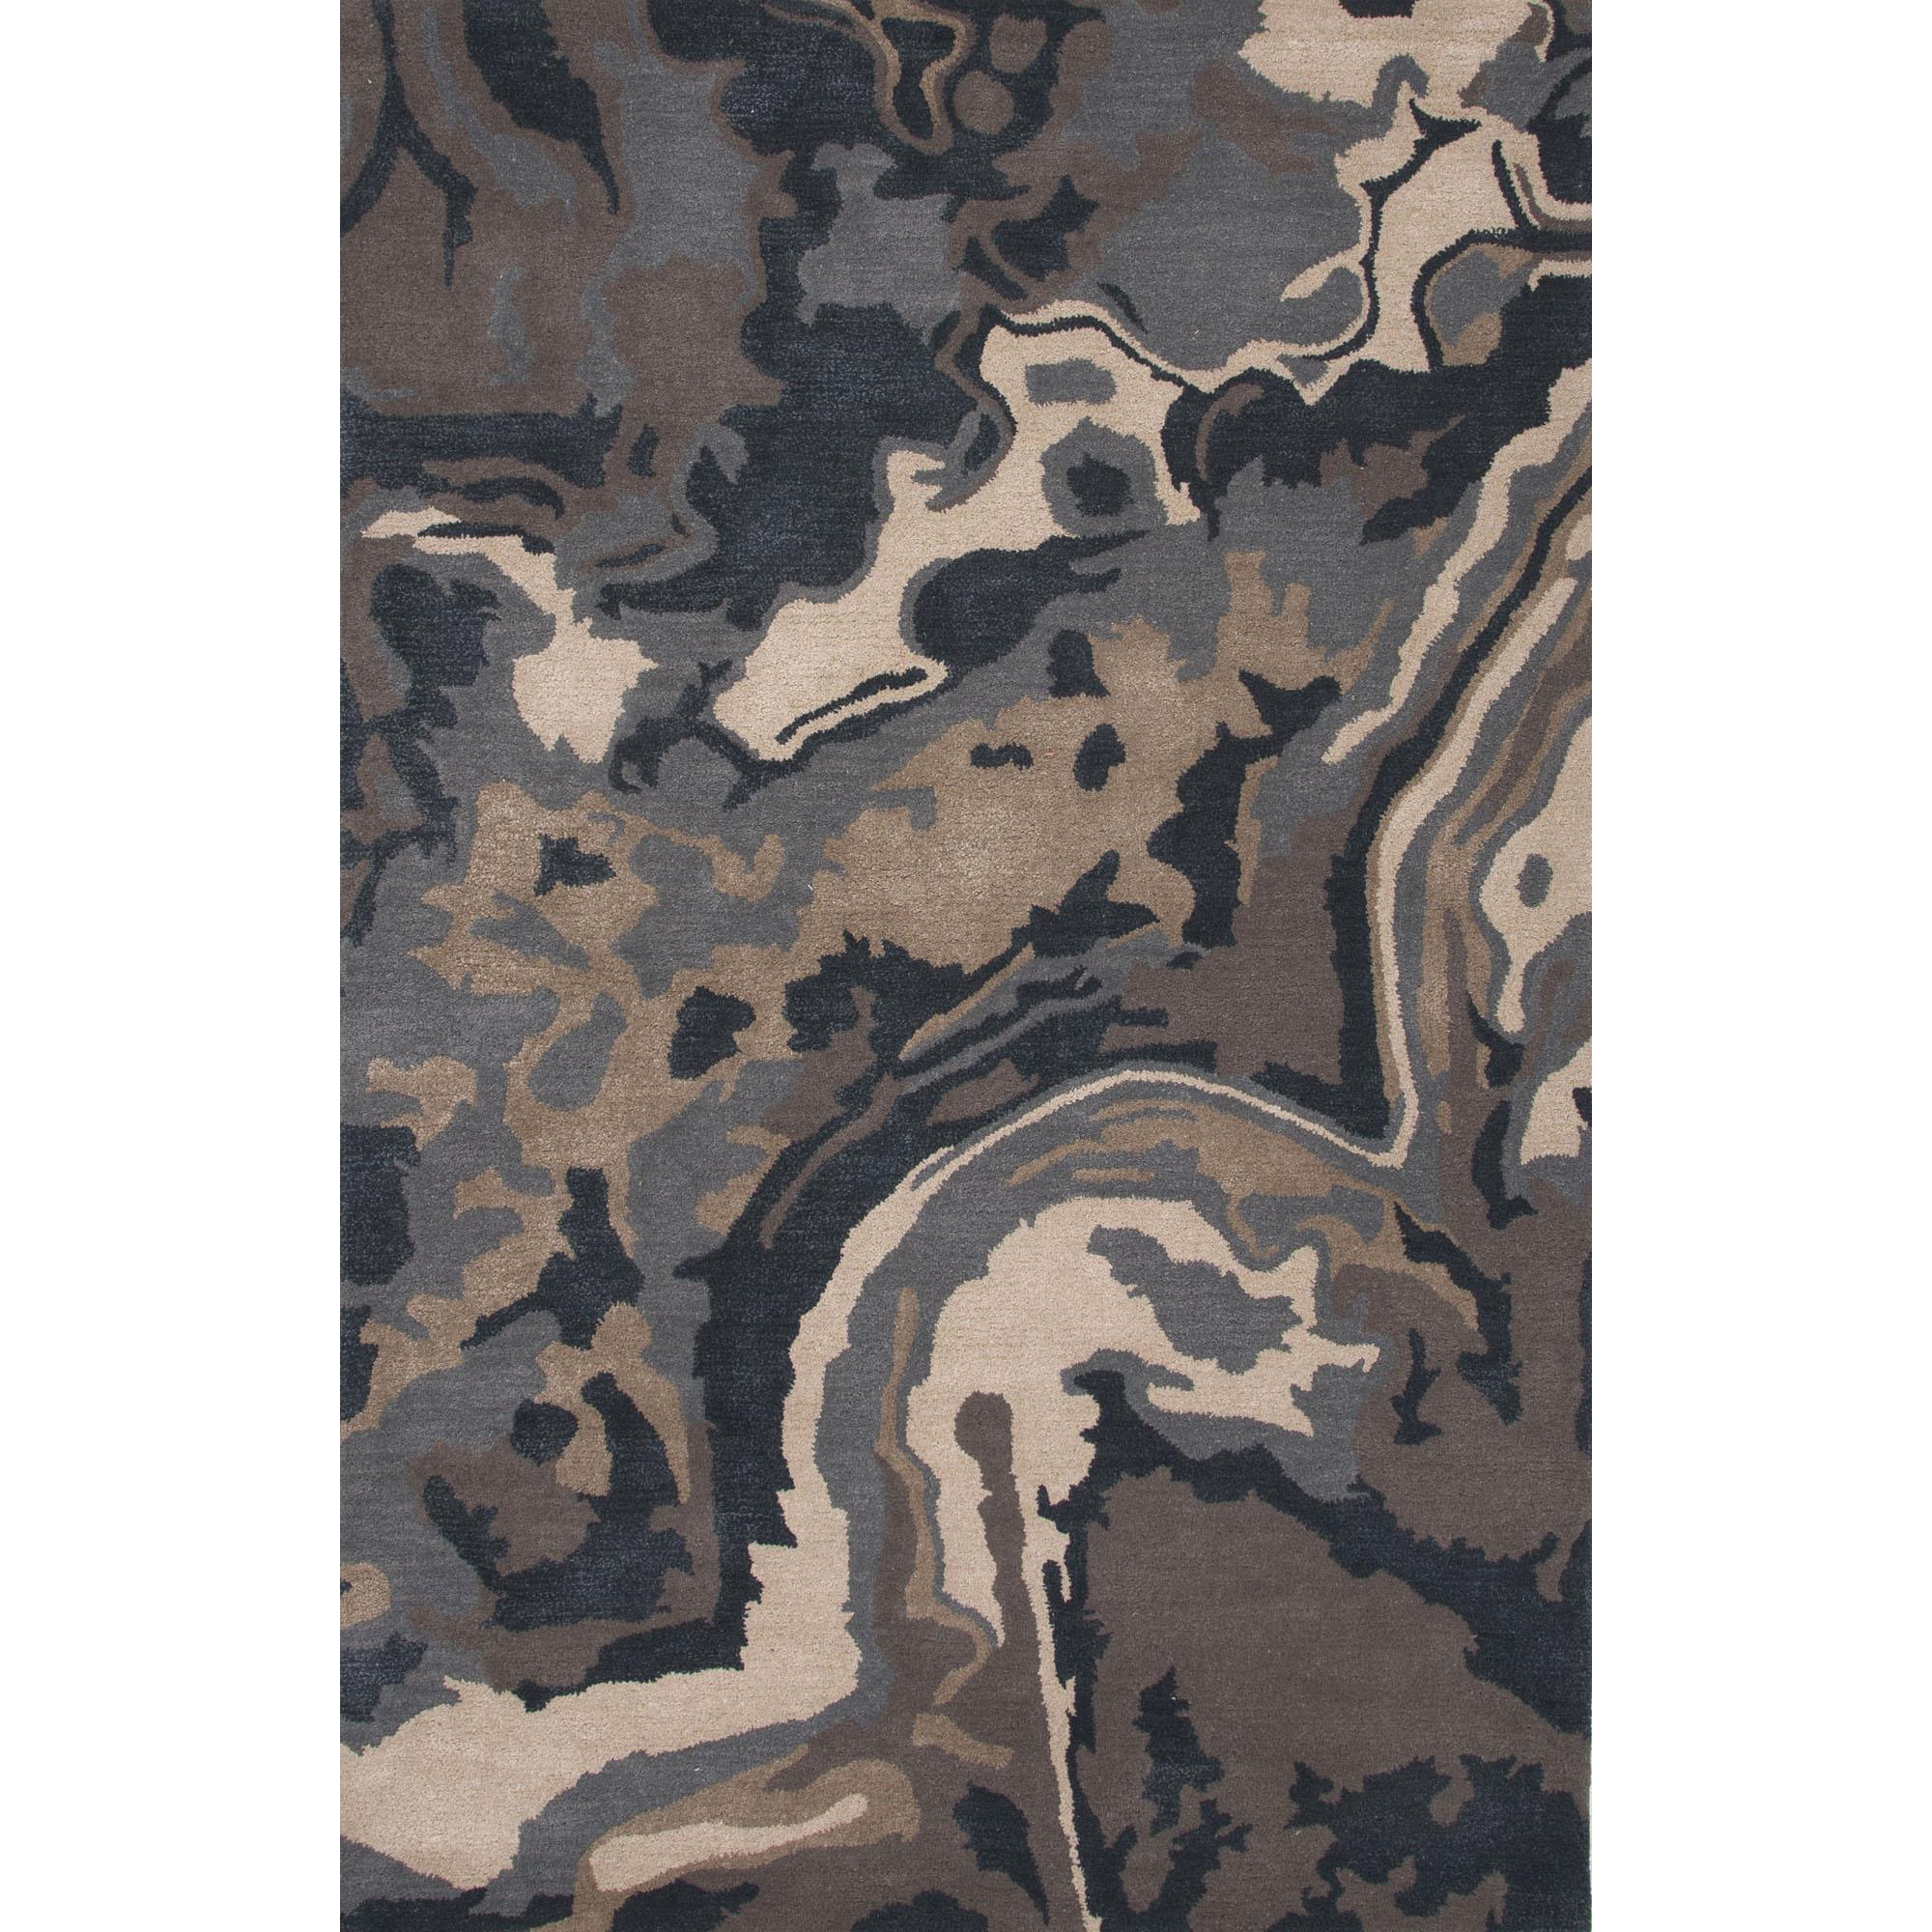 JAIPUR Rugs Blue 2 x 3 Rug - Item Number: RUG122615